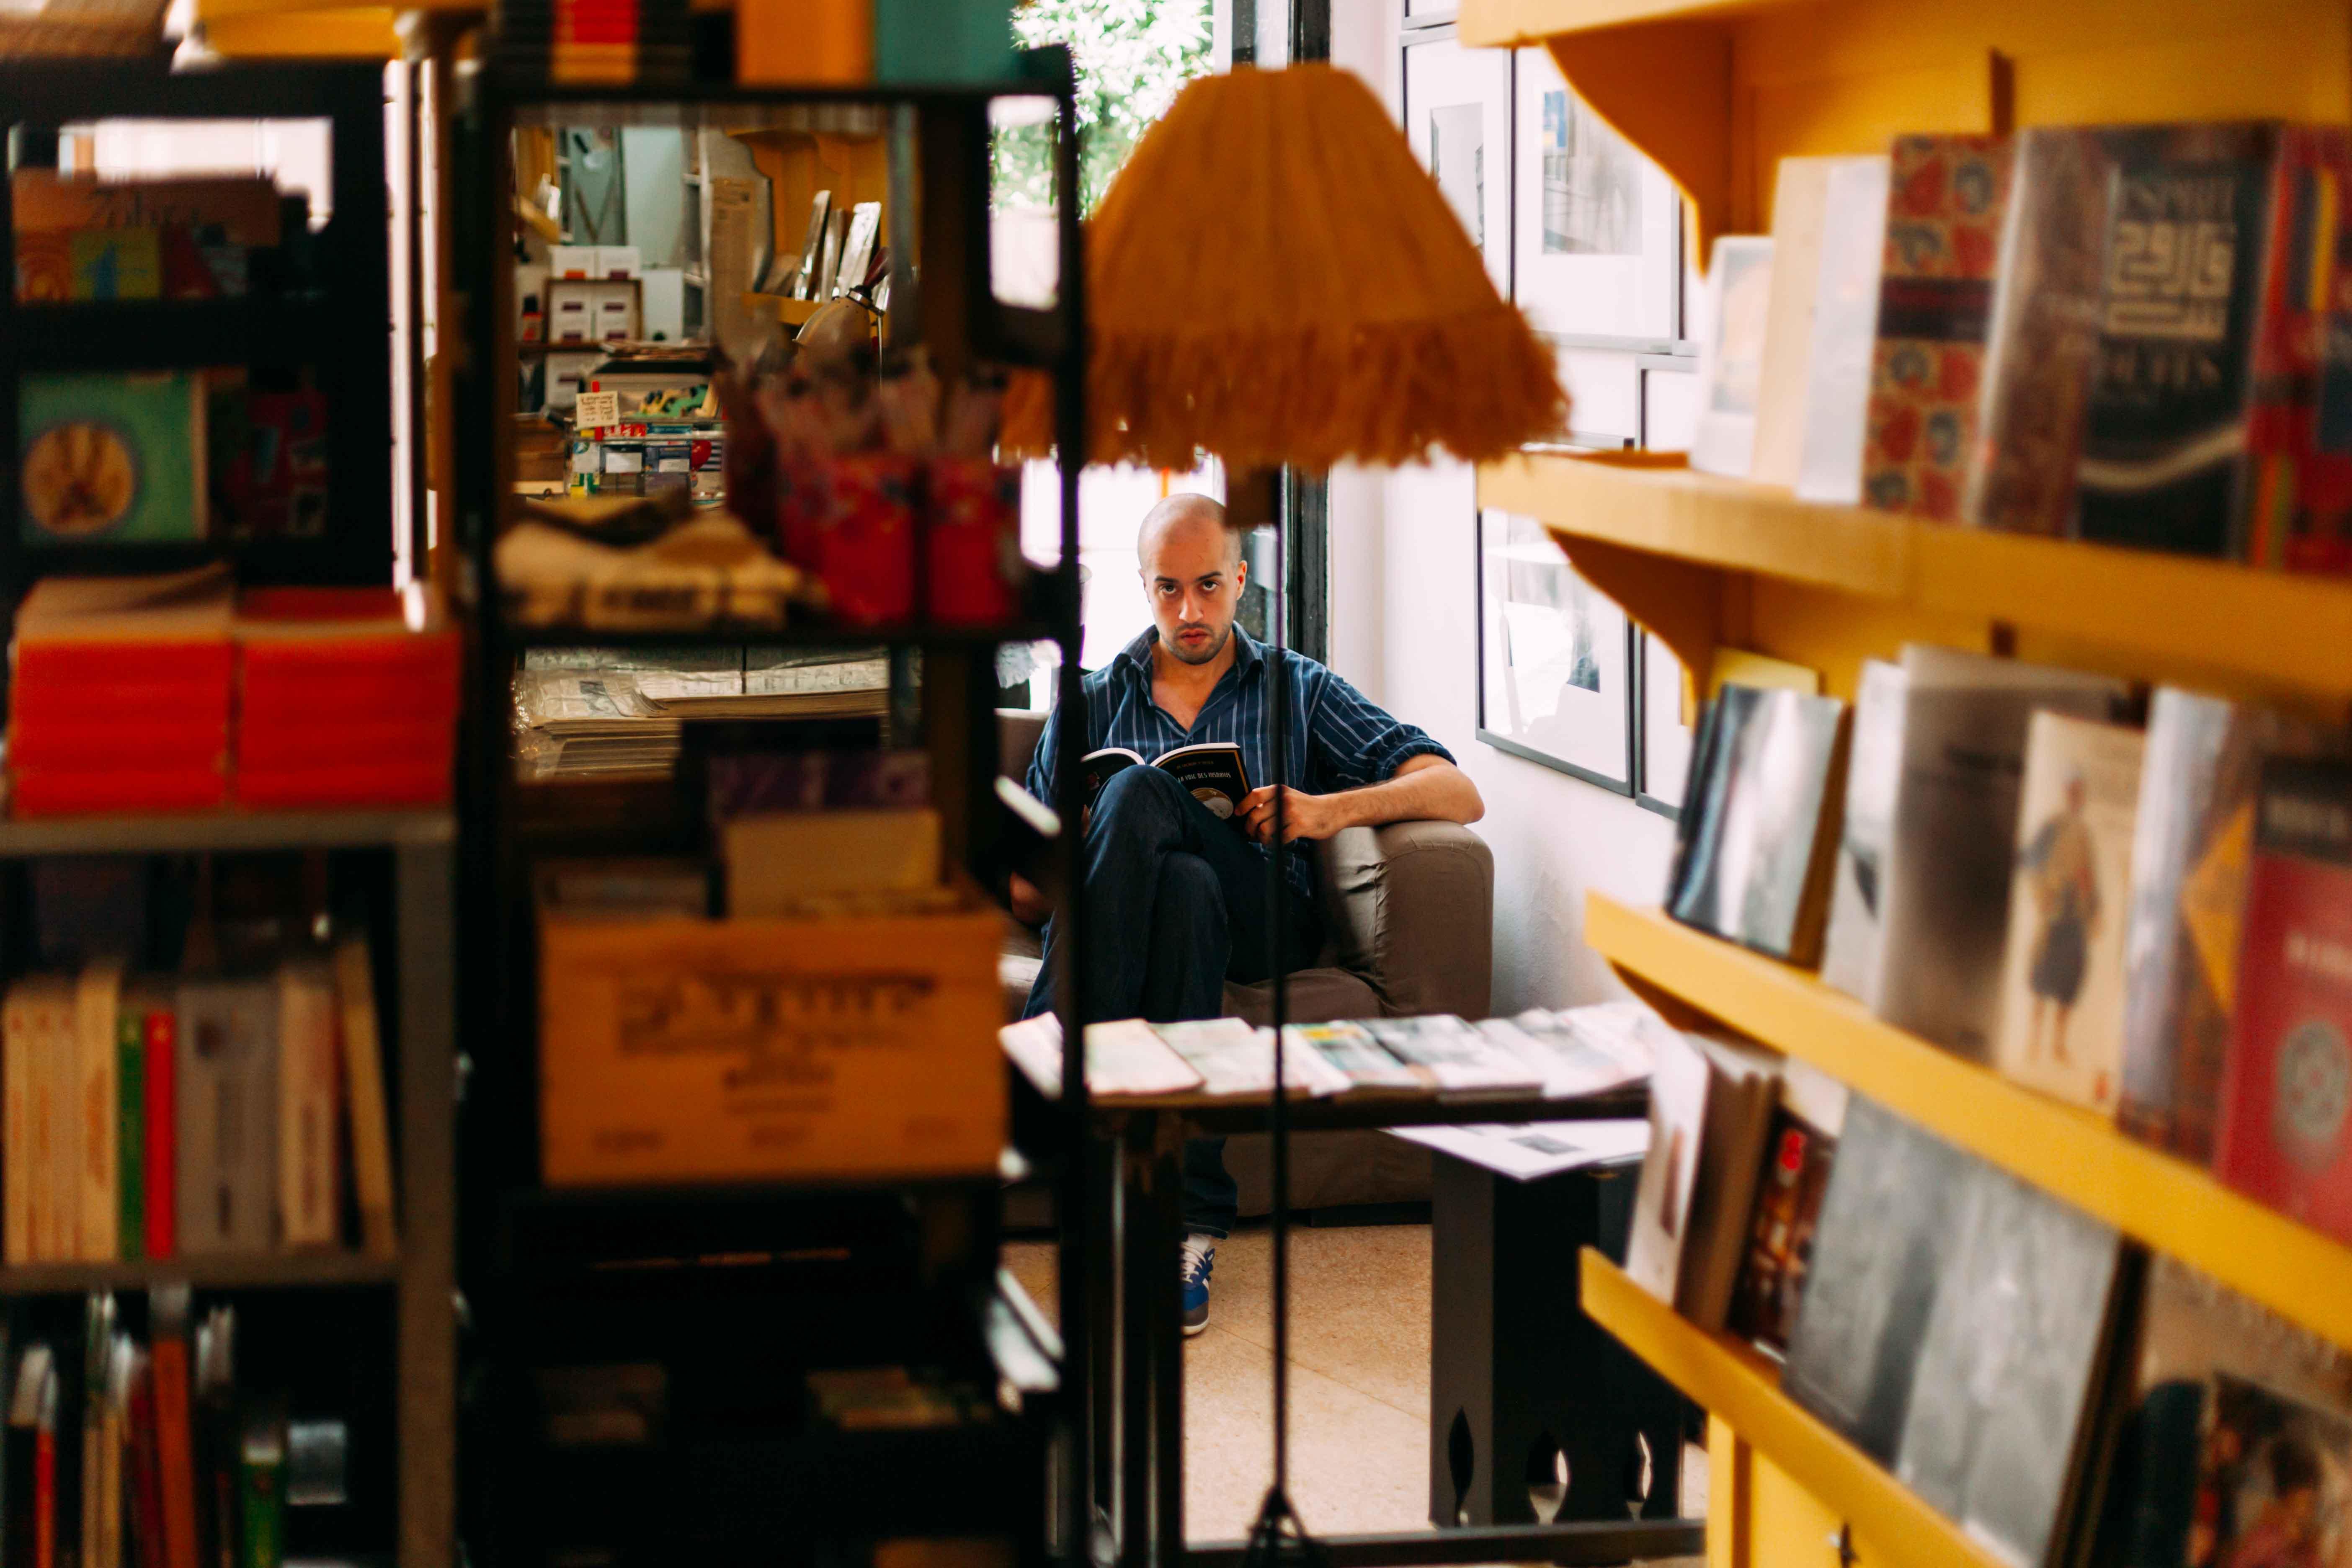 Librairie Les Insolites © Mehdi Drissi / Onorientour